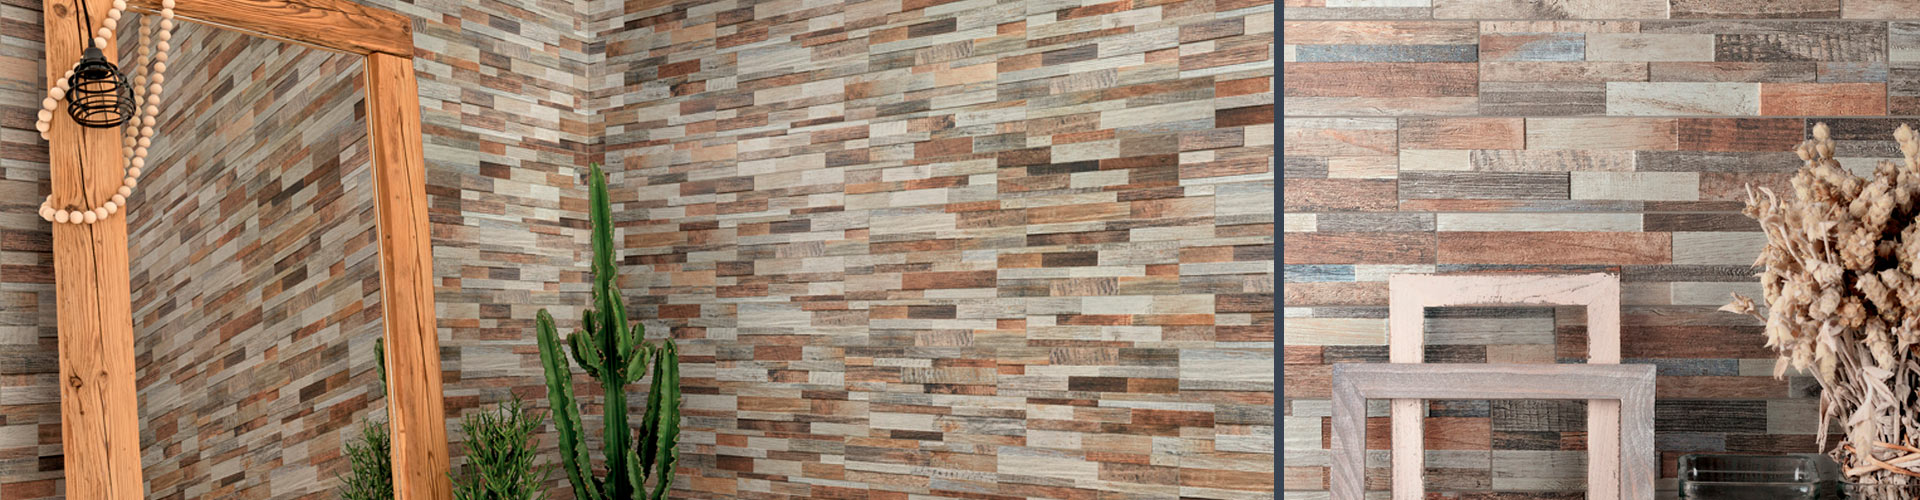 Различная толщина трехцветных плиток обеспечивает дополнительный объем